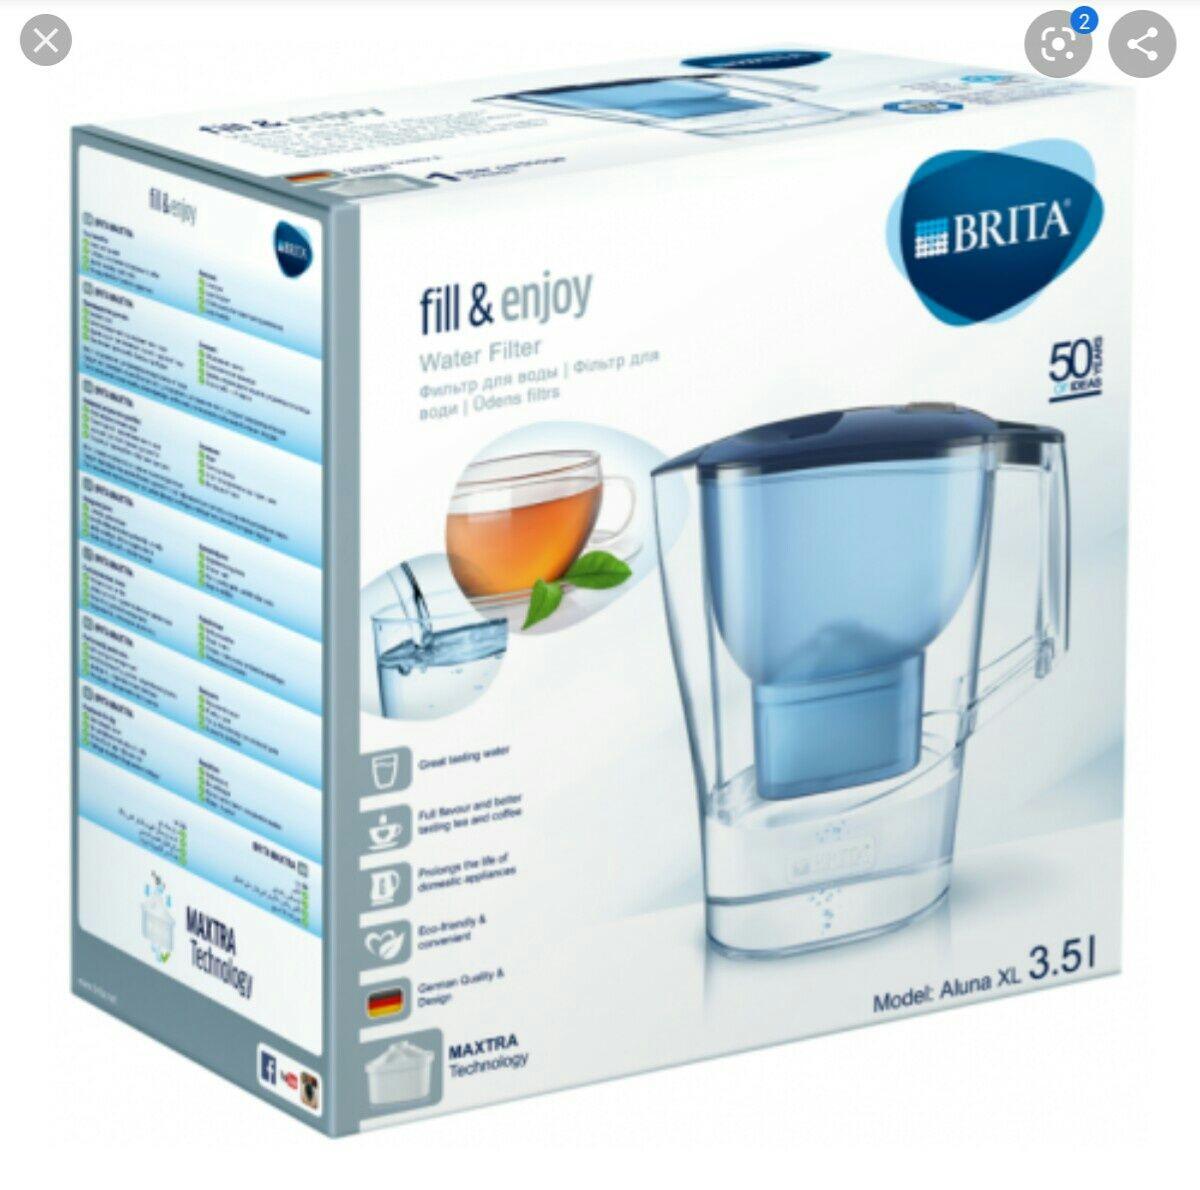 Brita кувшин-фильтр для воды, новый